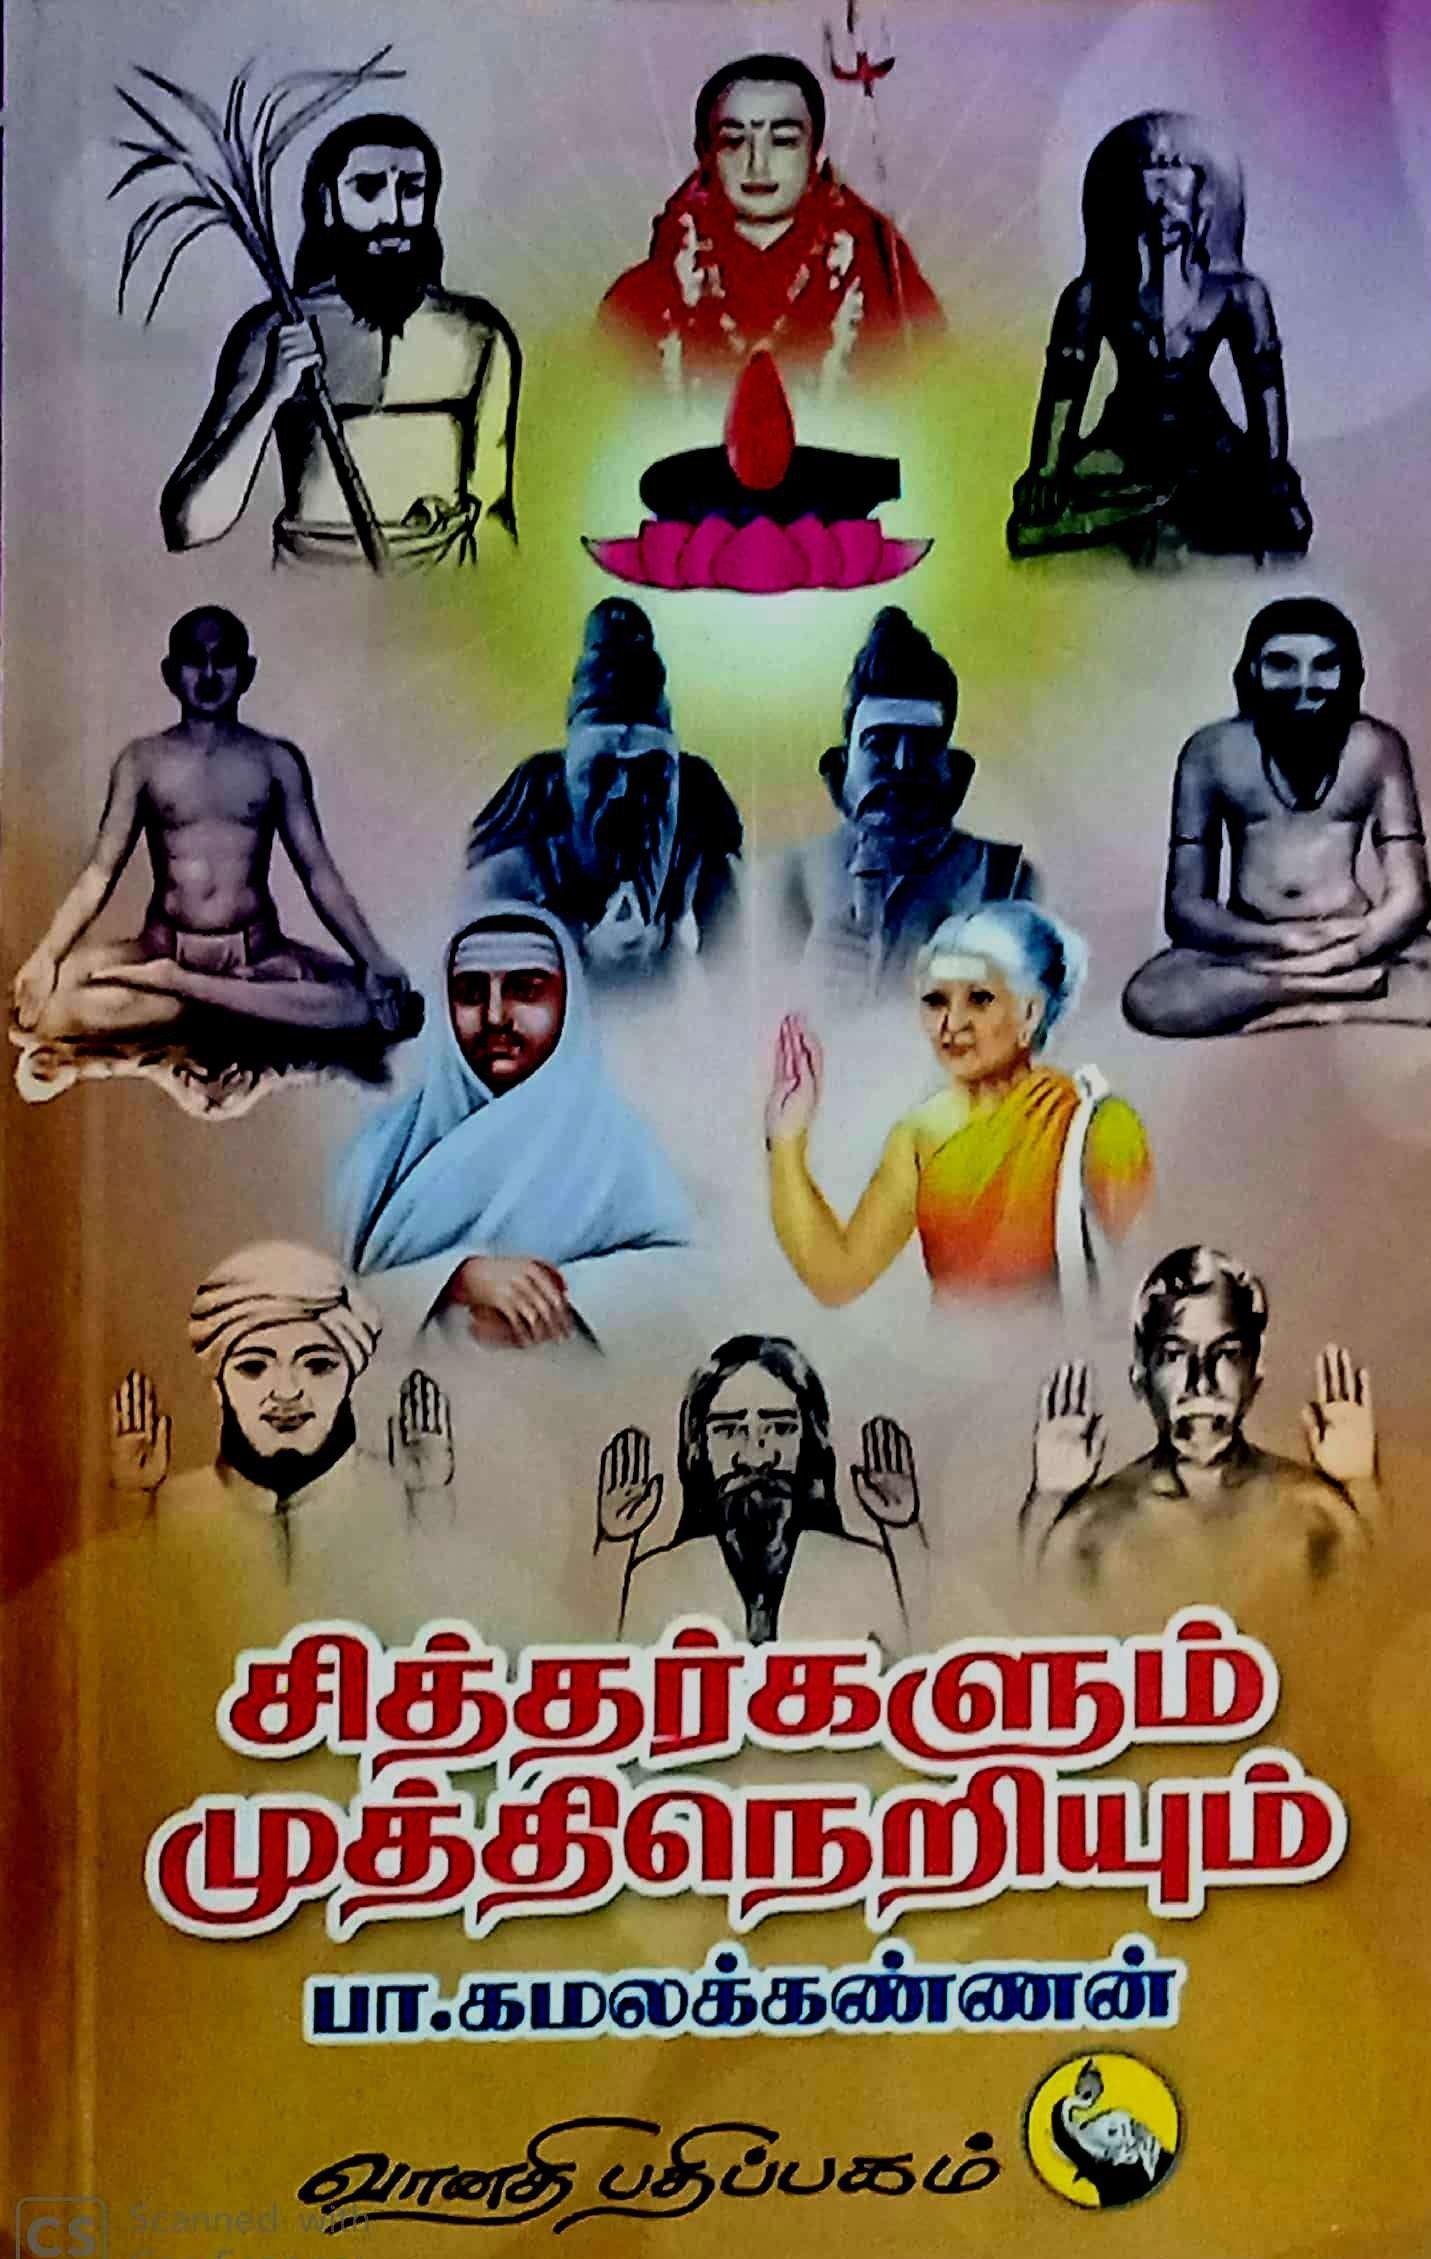 சித்தர்களும் முக்திநெறியும் - பா.கமலக்கண்ணன் Siddhargalum Mukthineriyum